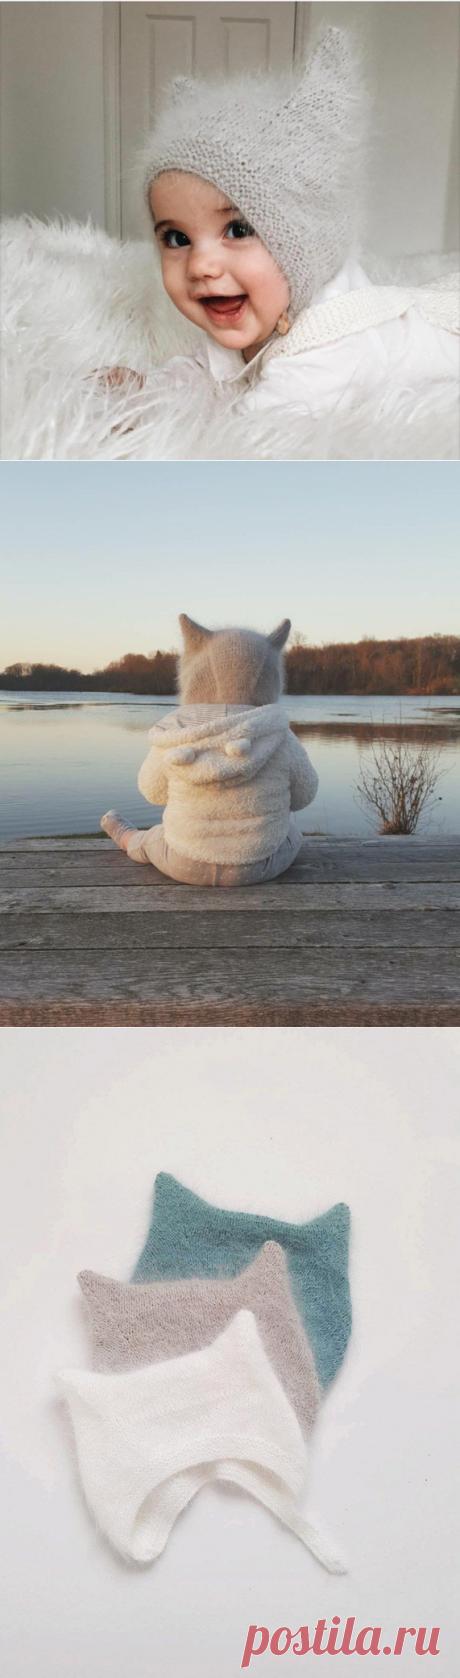 Простая шапочка для малыша (Вязание спицами) – Журнал Вдохновение Рукодельницы